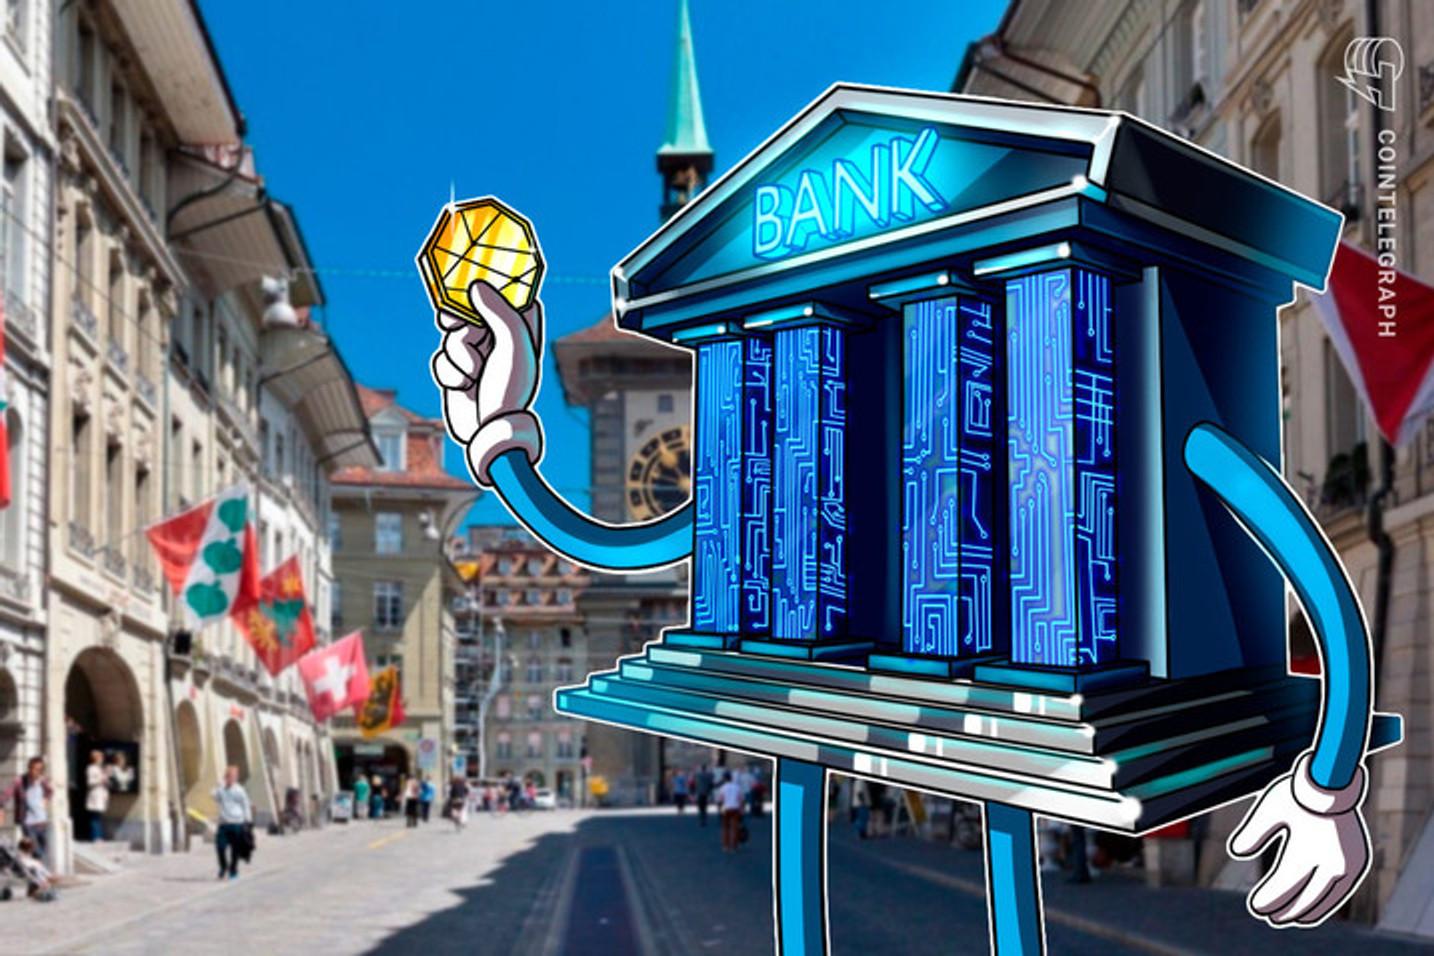 Schweizer Krypto-Bank Seba: Jetzt auch Aave und Chainlink im Angebot für Institutionelle